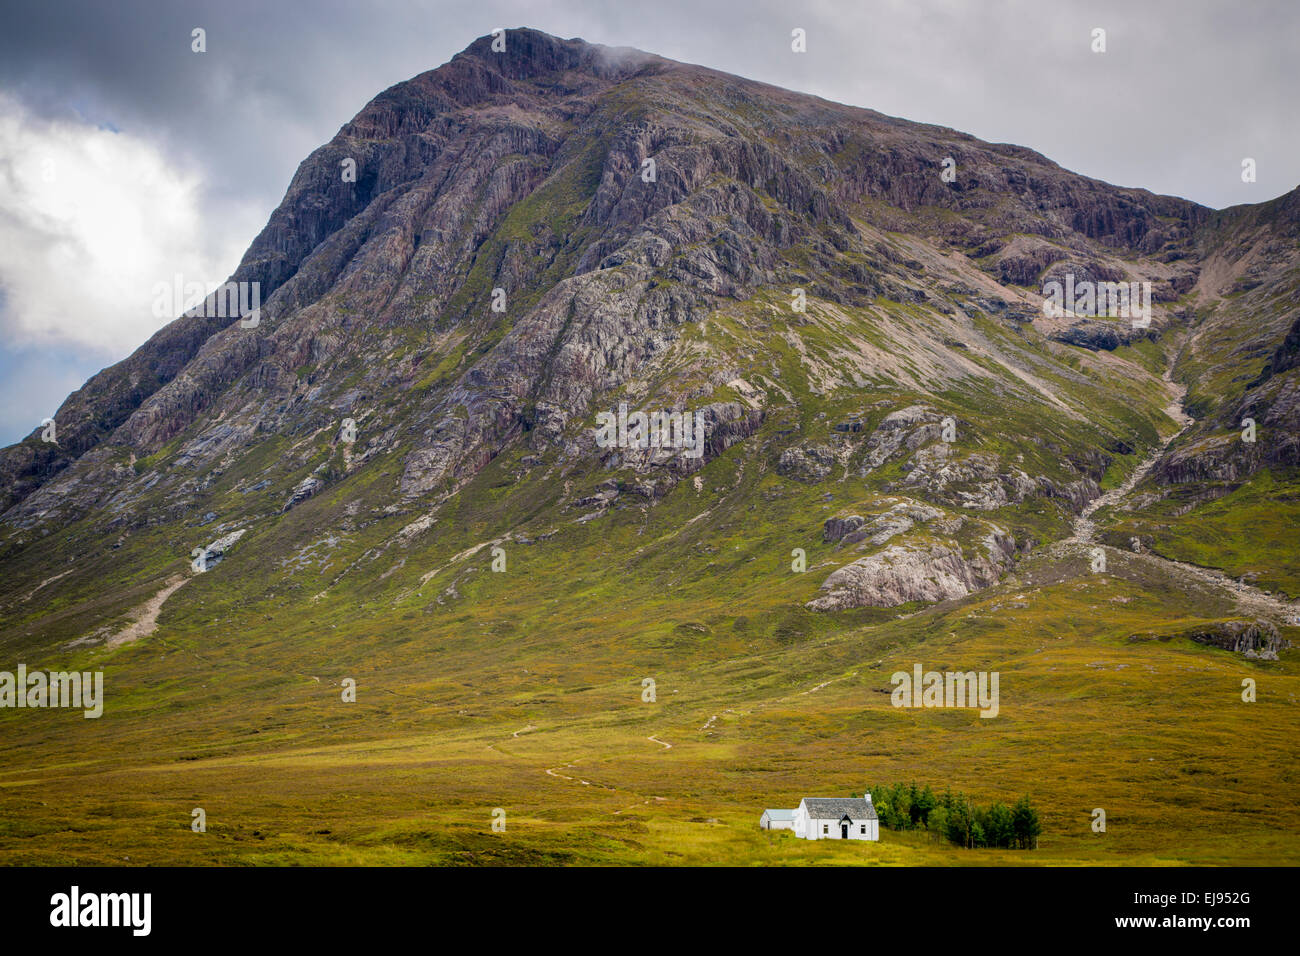 Petit solitaire accueil dans les highlands écossais près de Glencoe, Ecosse, Royaume-Uni Photo Stock